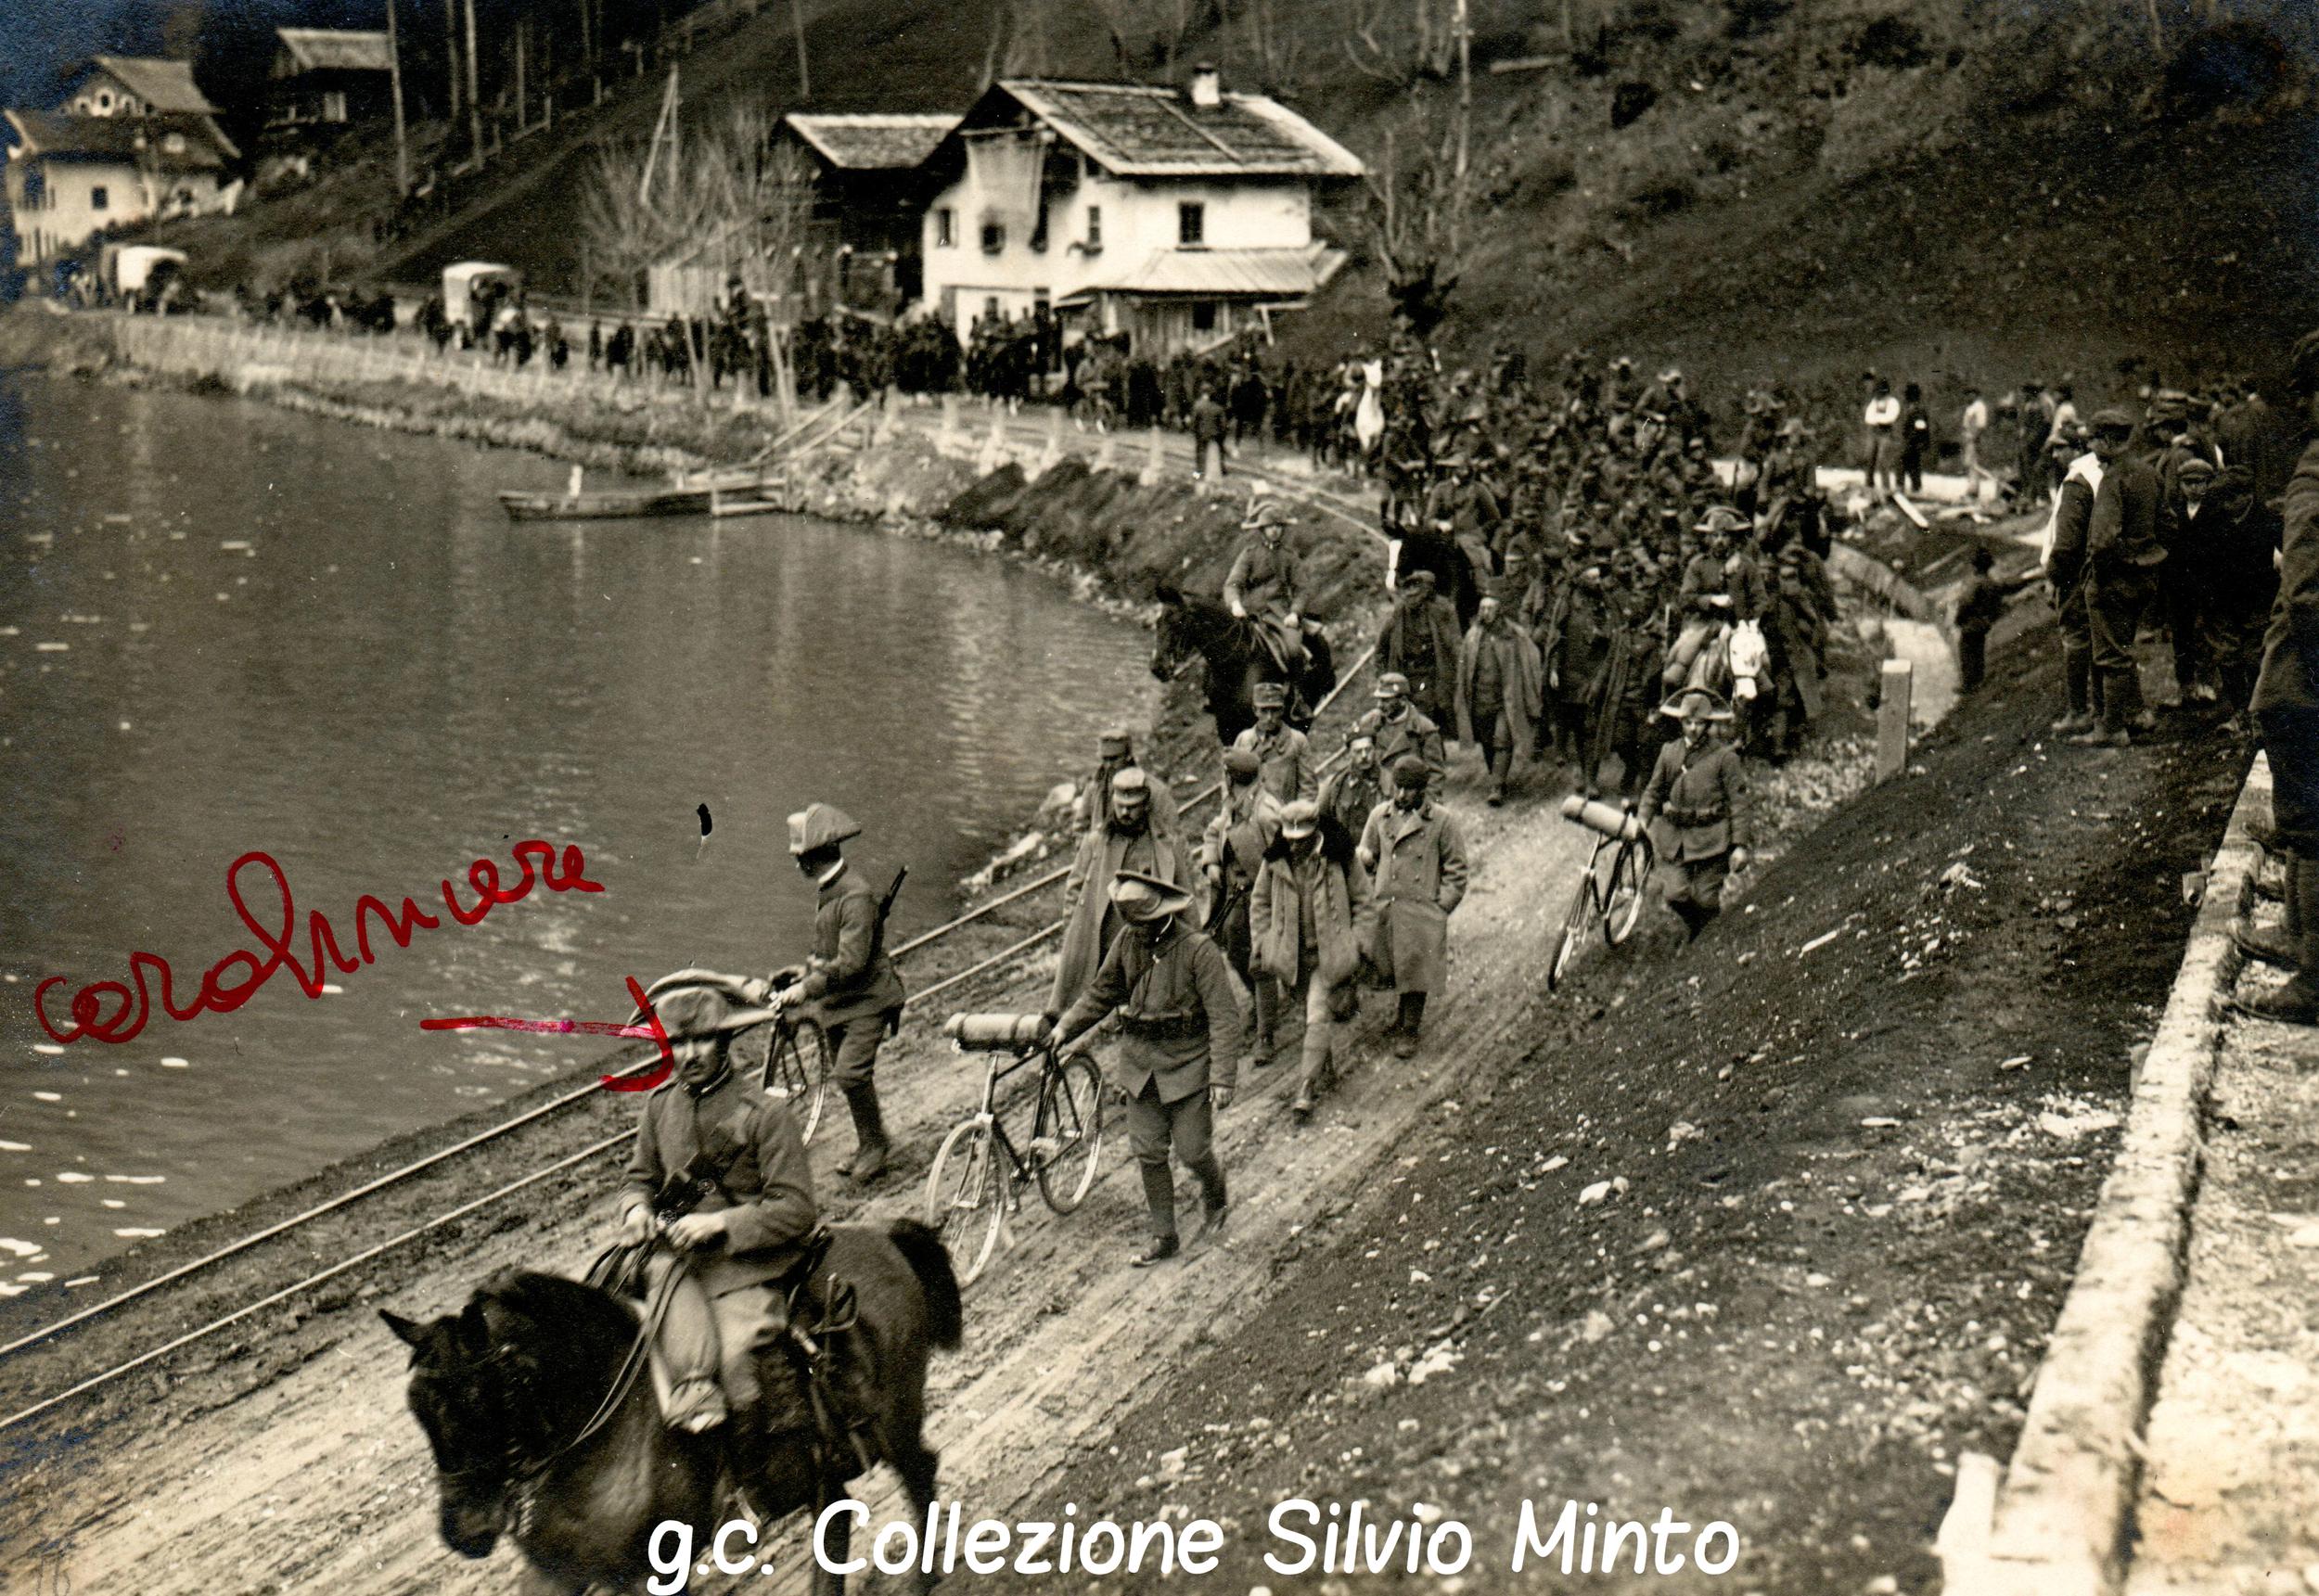 Colonna di prigionieri austriaci, con gli ufficiali in testa, scortata da Carabinieri a cavallo e ciclisti nella zona del Col di Lana